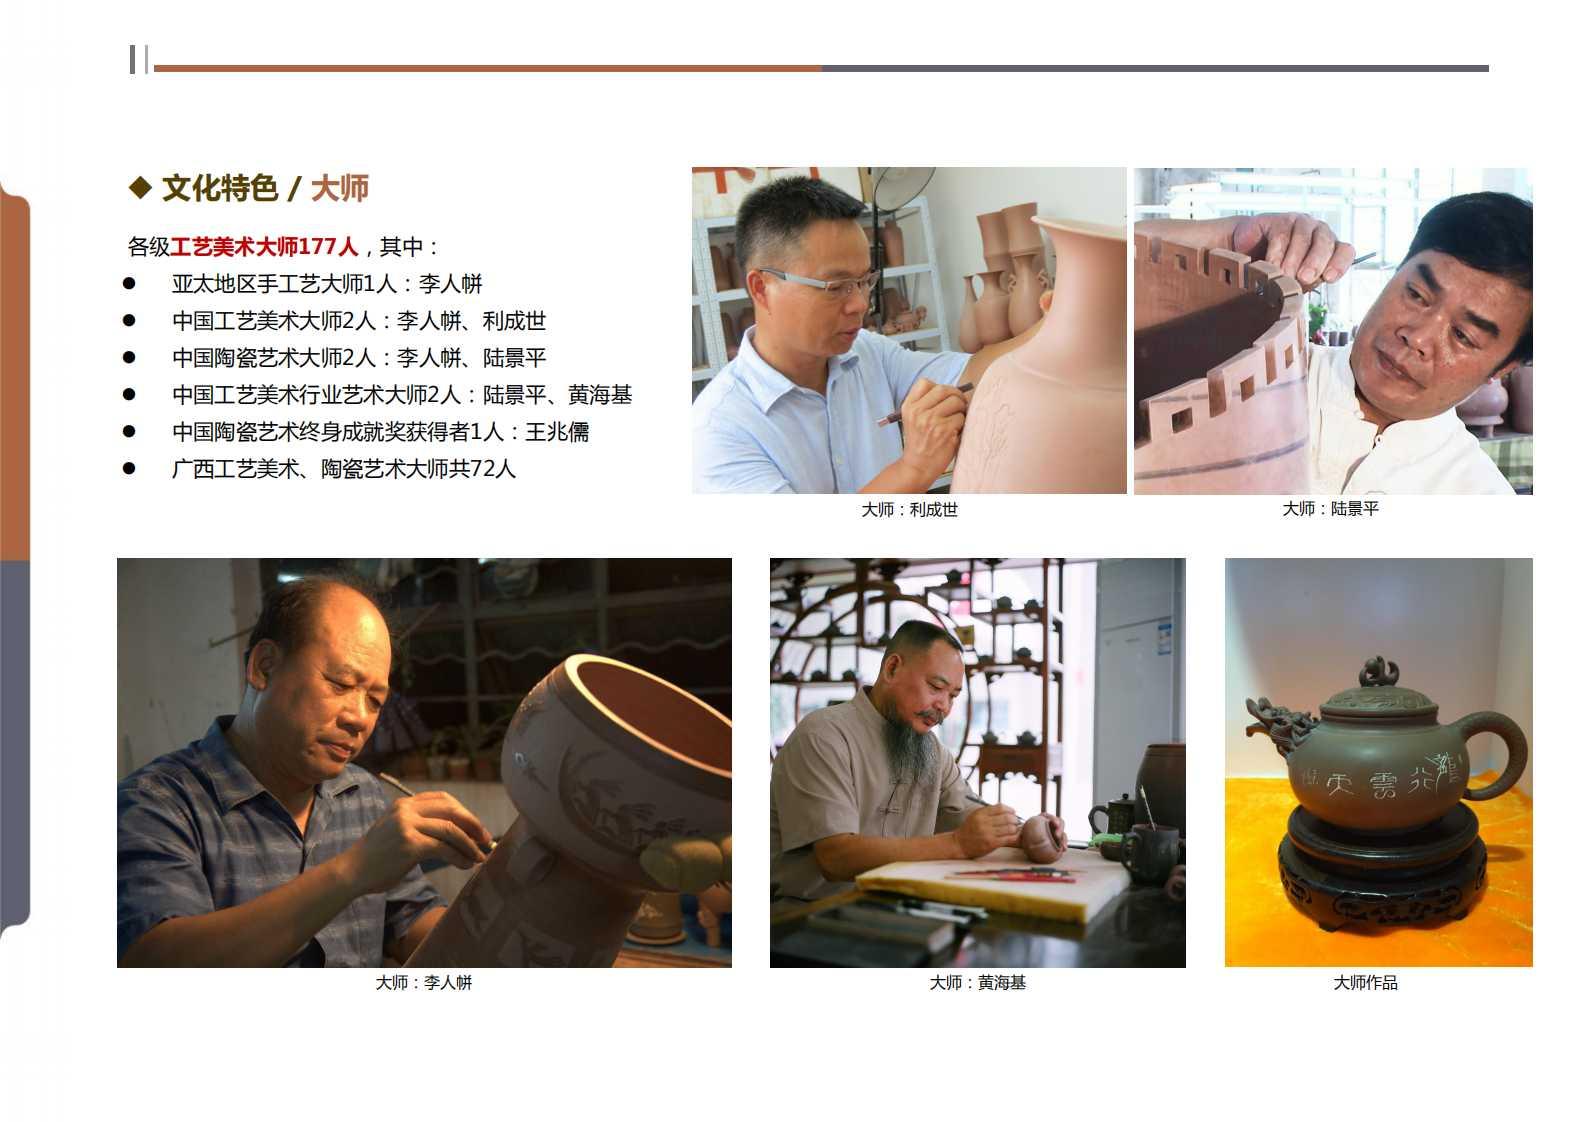 钦州坭兴陶特色小镇项目简介(4)_10.png